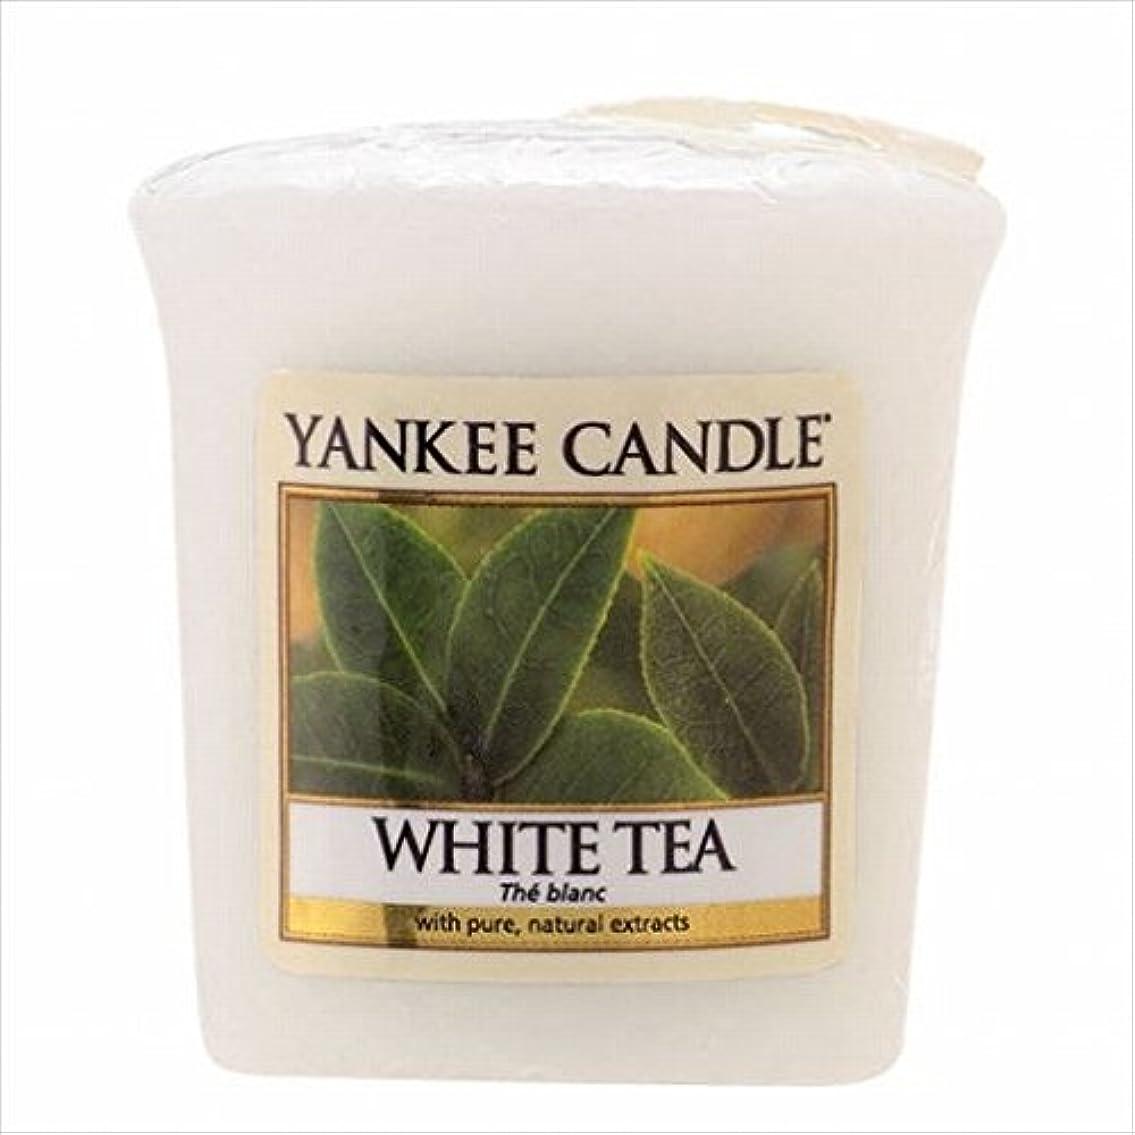 名門十分にかかわらずYANKEE CANDLE(ヤンキーキャンドル) YANKEE CANDLE サンプラー 「 ホワイトティー 」6個セット(K00105277)